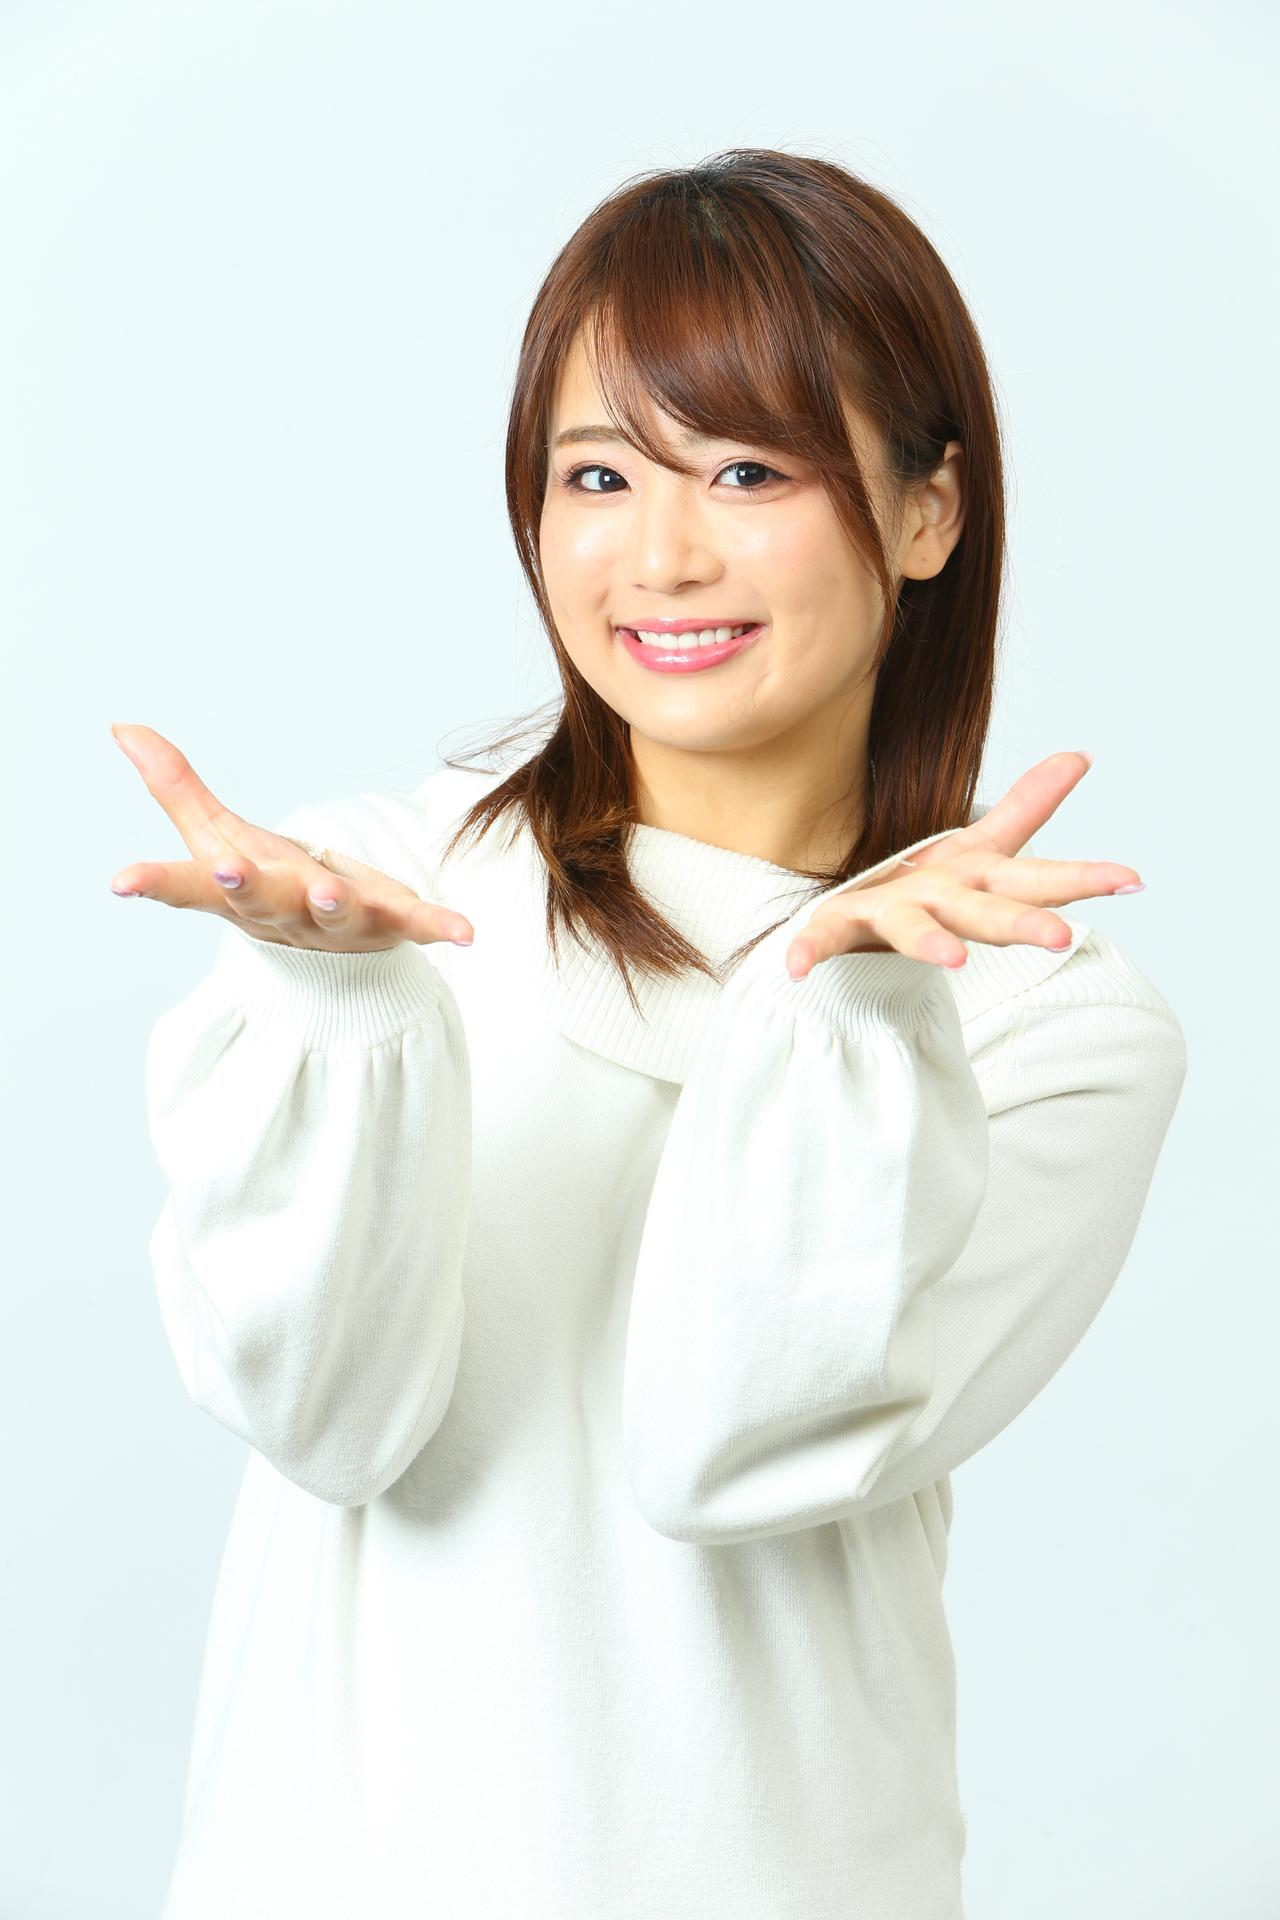 画像8: 平嶋夏海の「つま先メモリアル」(第5回:Suzuki KATANA)【ゆるふわ 3枚刃】